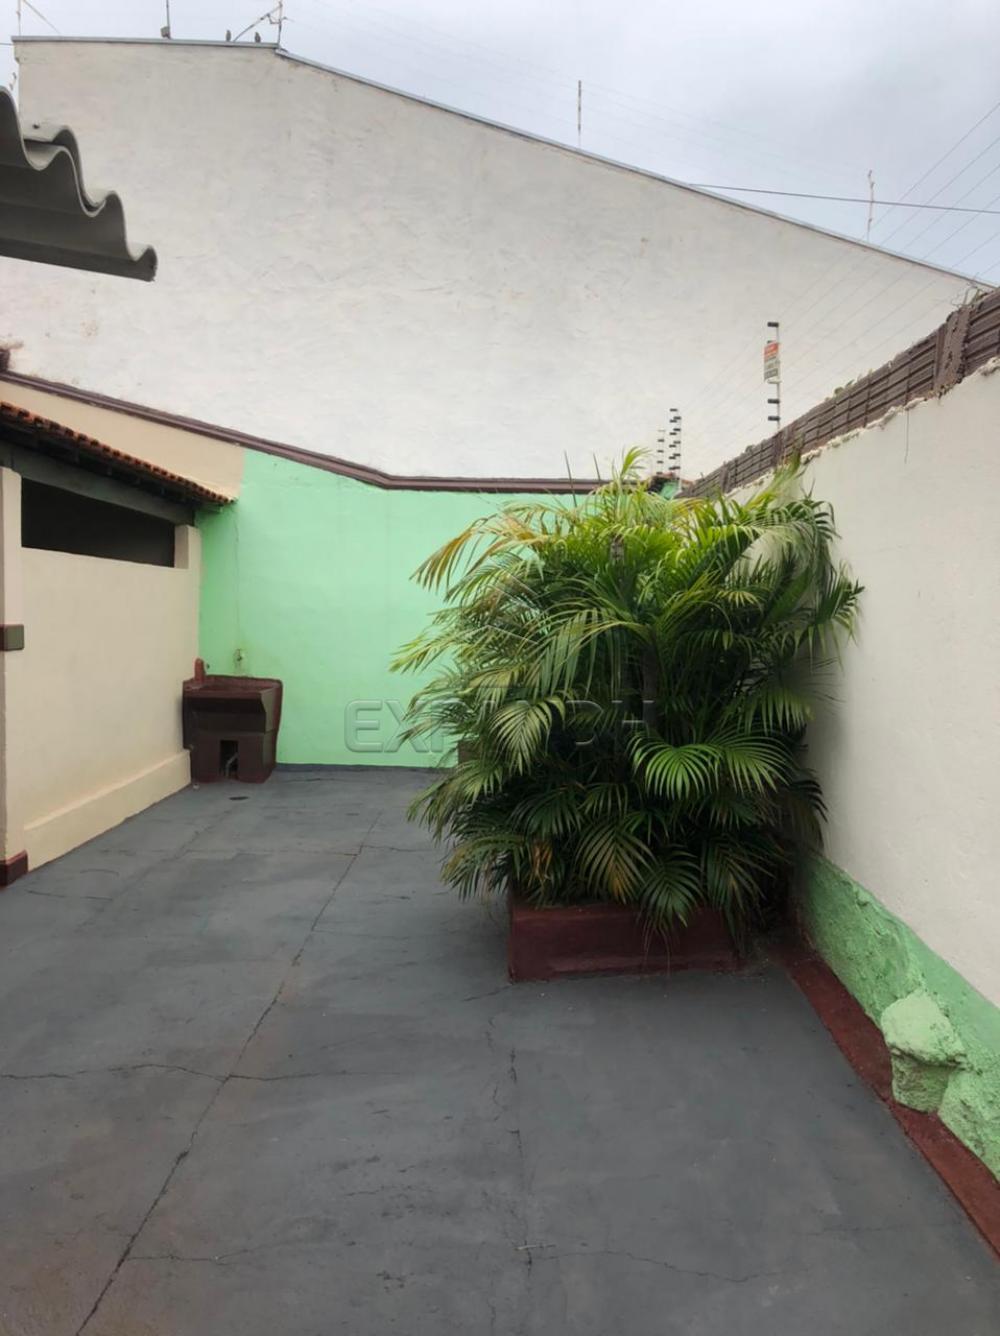 Alugar Casas / Padrão em Sertãozinho R$ 690,00 - Foto 3